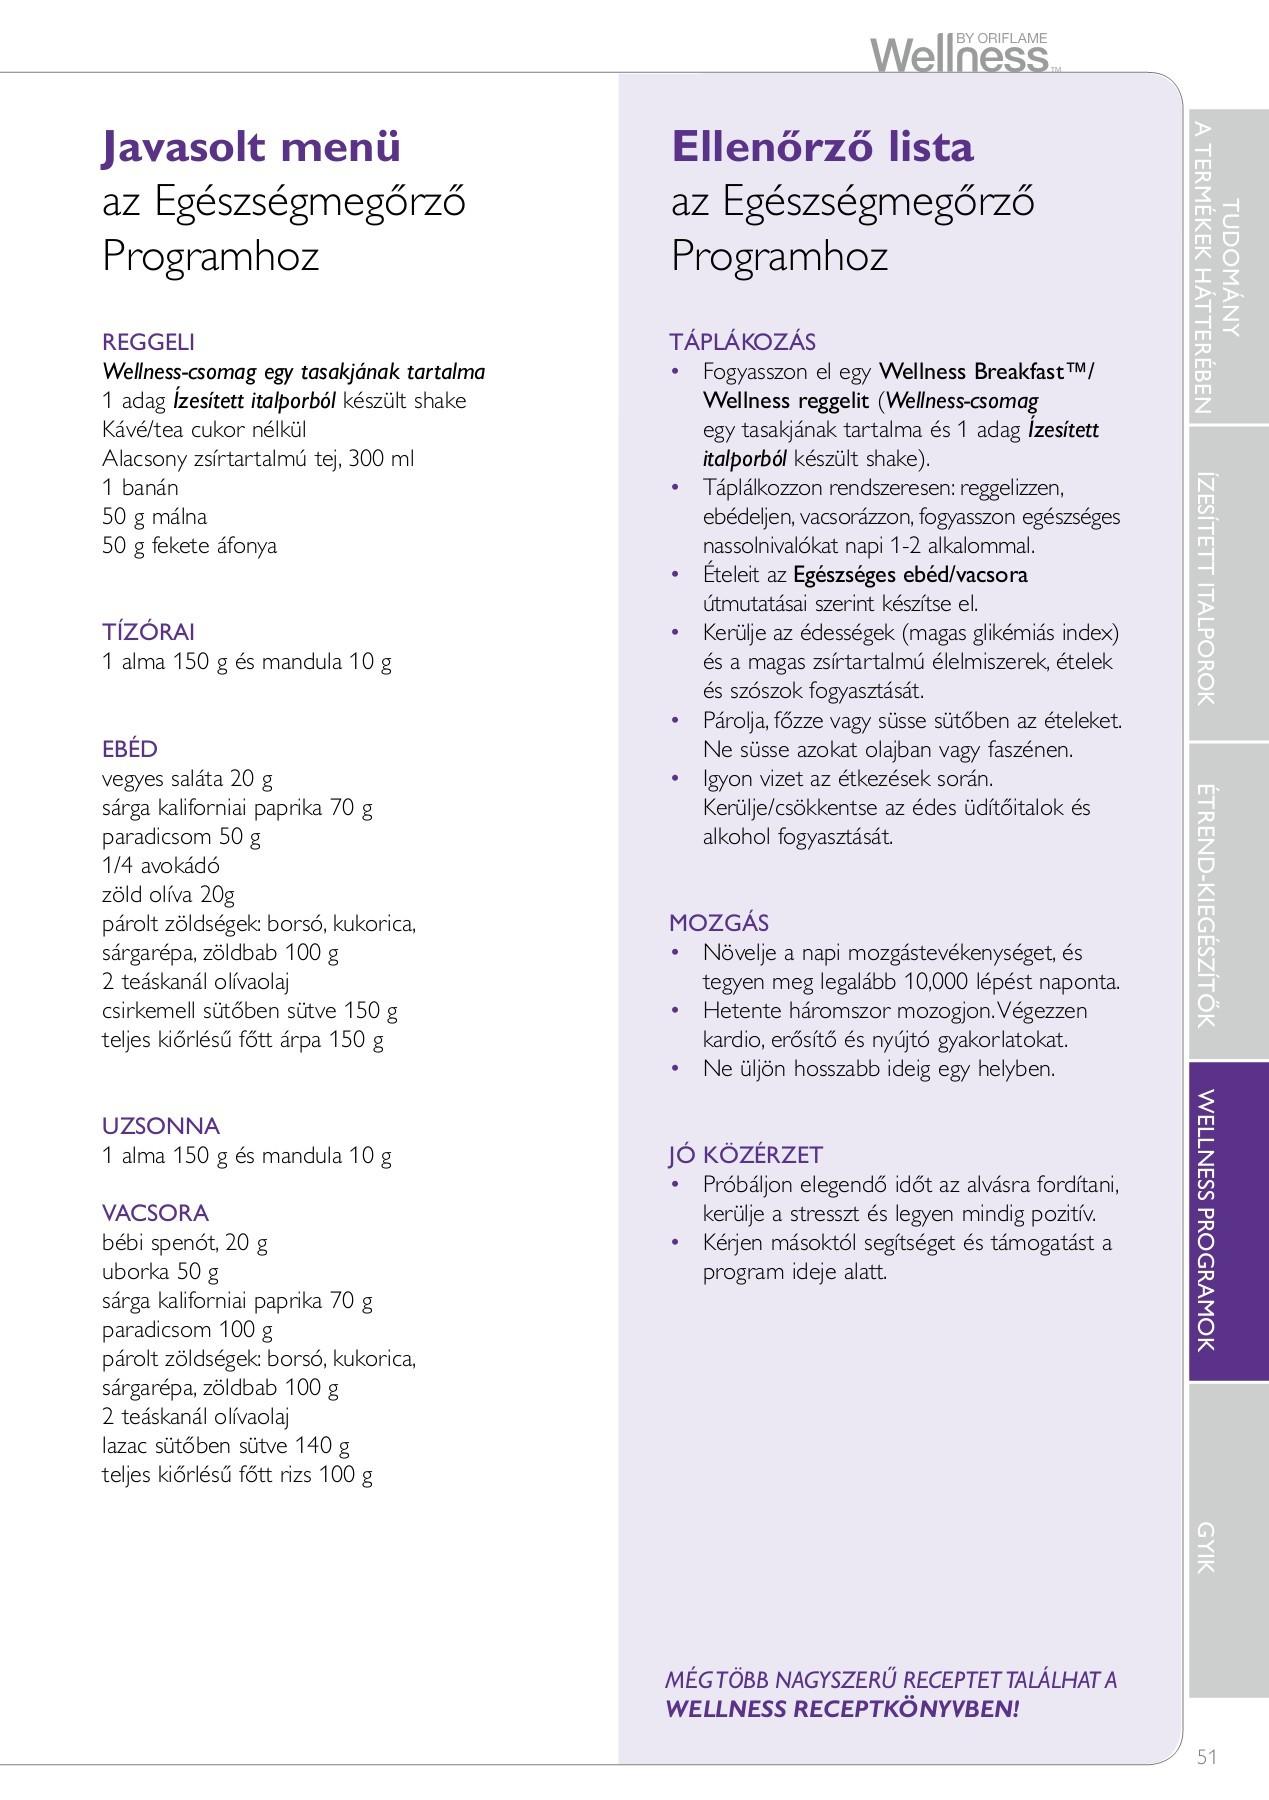 magas vérnyomás kezelésére szolgáló gyógyszer a magas vérnyomásból származó népi gyógymódoktól